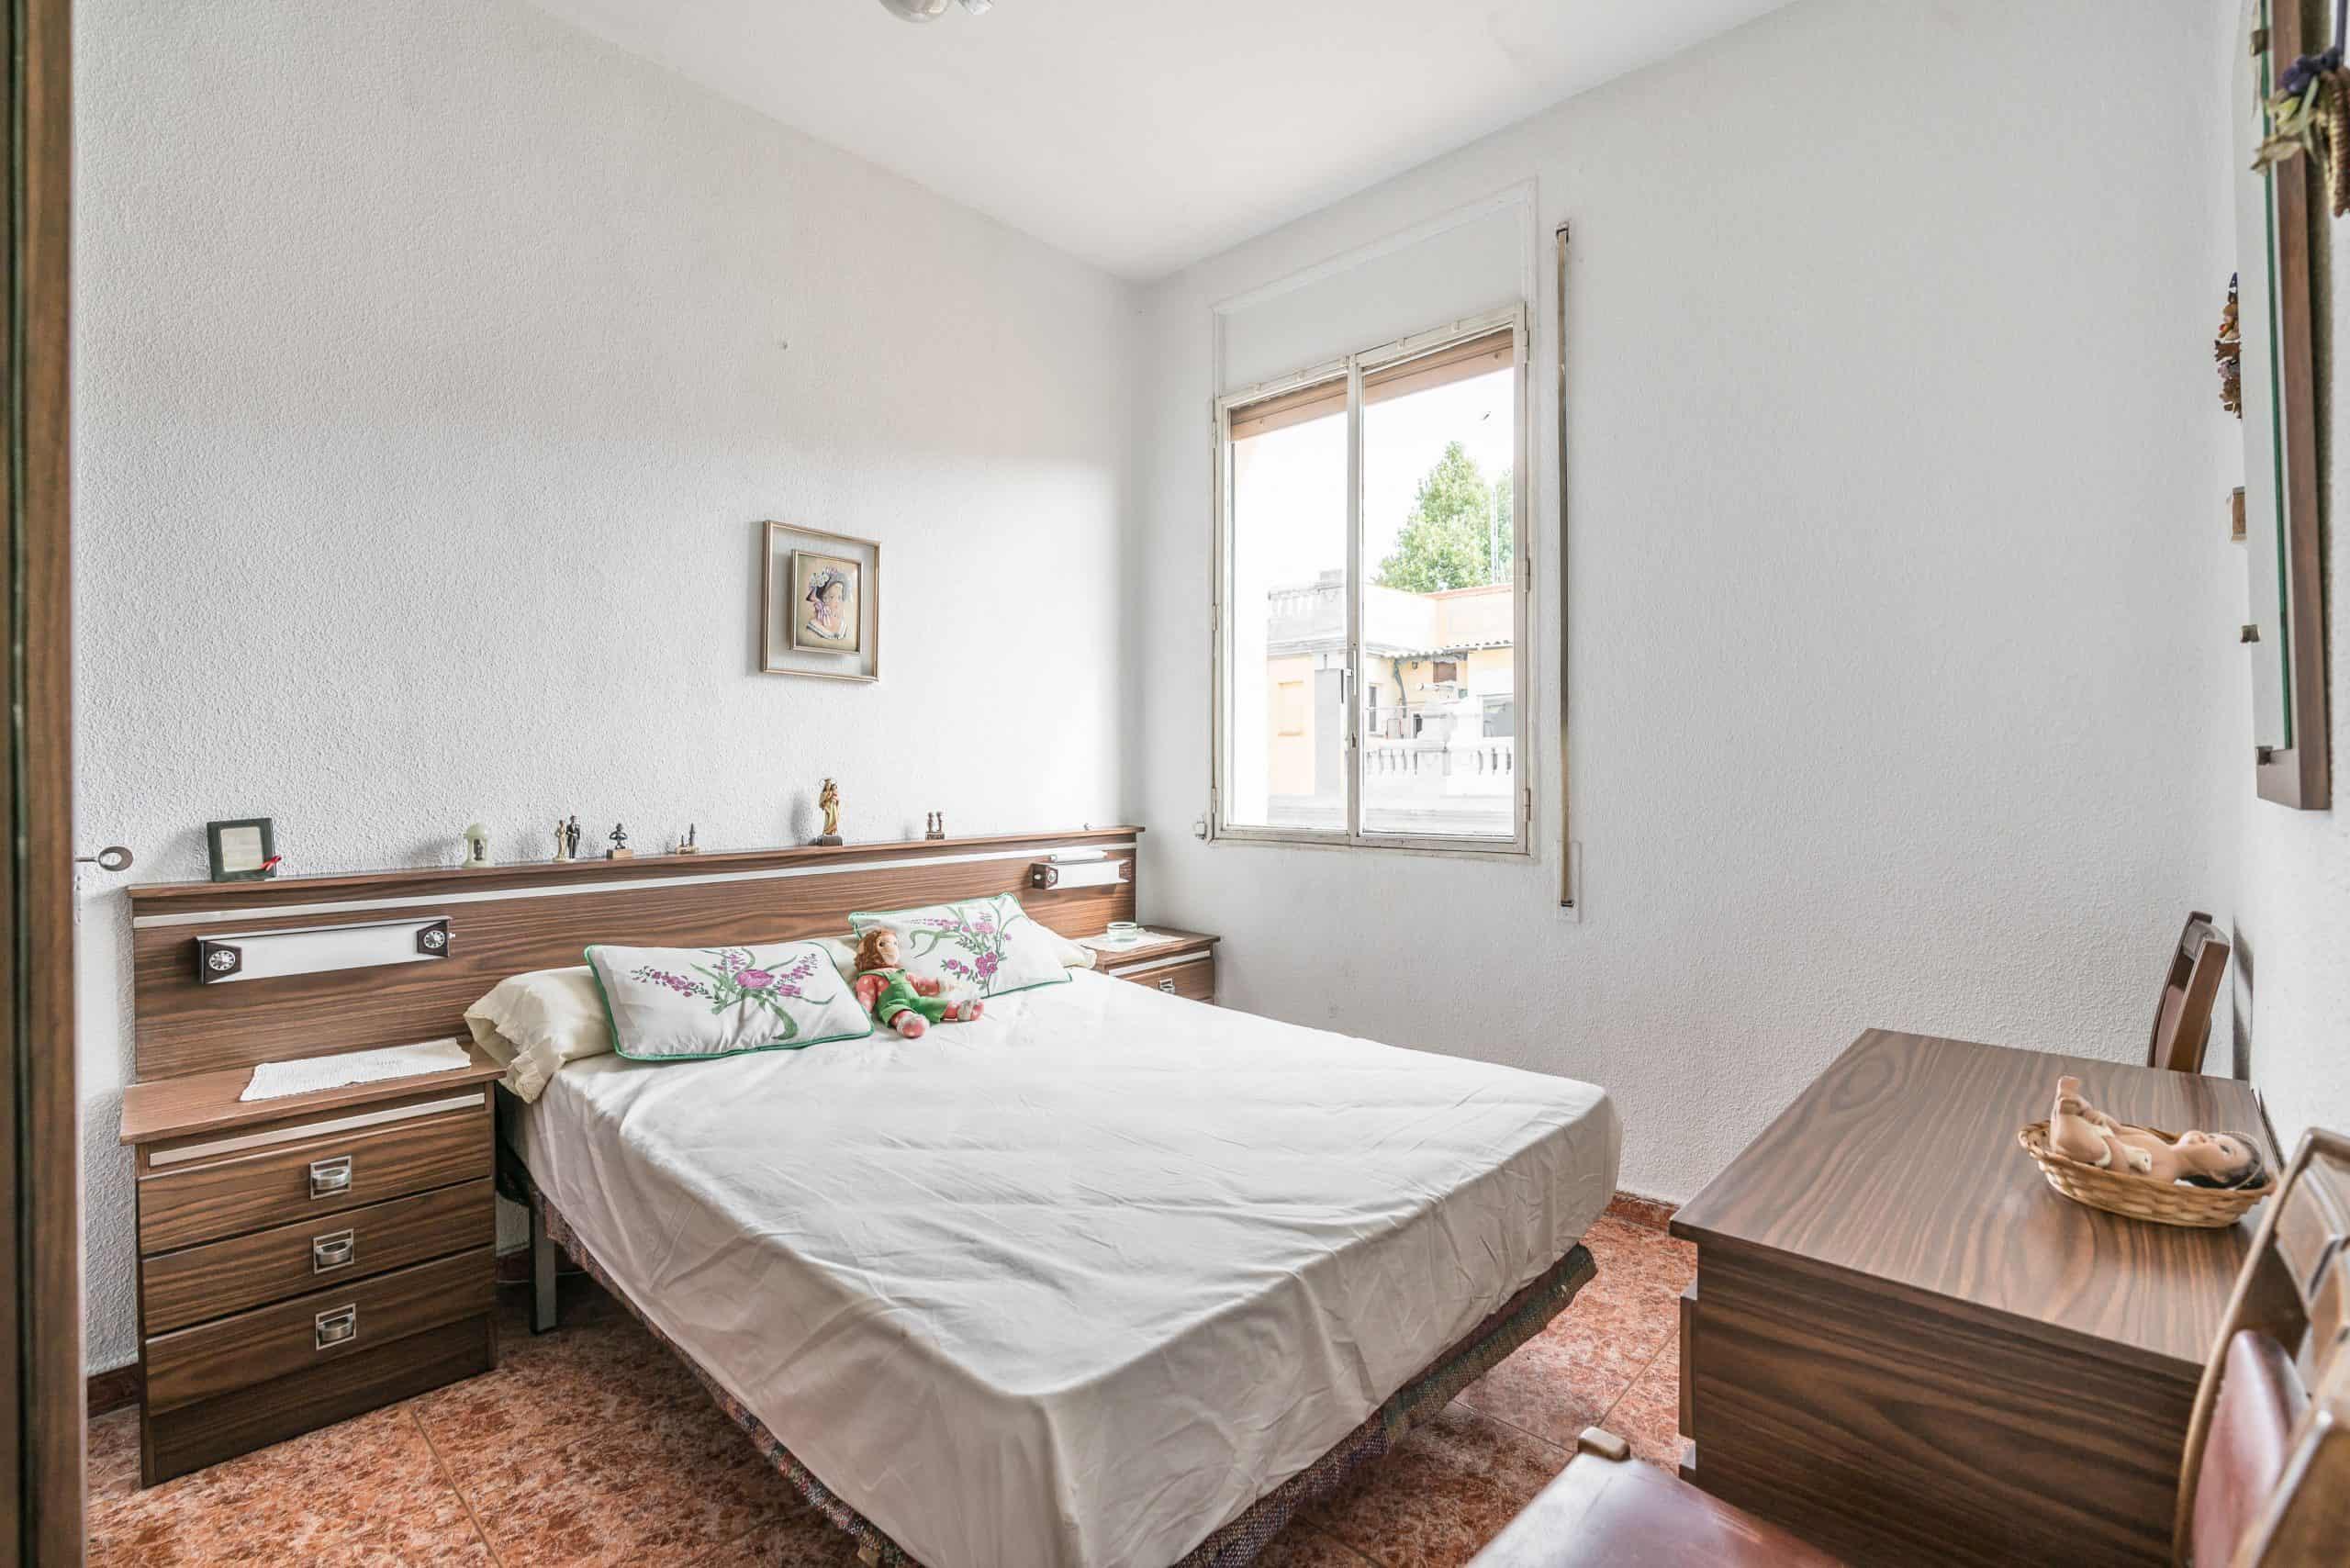 Agencia Inmobiliaria de Madrid-FUTUROCASA-Zona ARGANZUELA-EMBAJADORES-LEGAZPI -calle DOMINGO PEREZ DEL VAL -2 DORMITORIO1 (2)